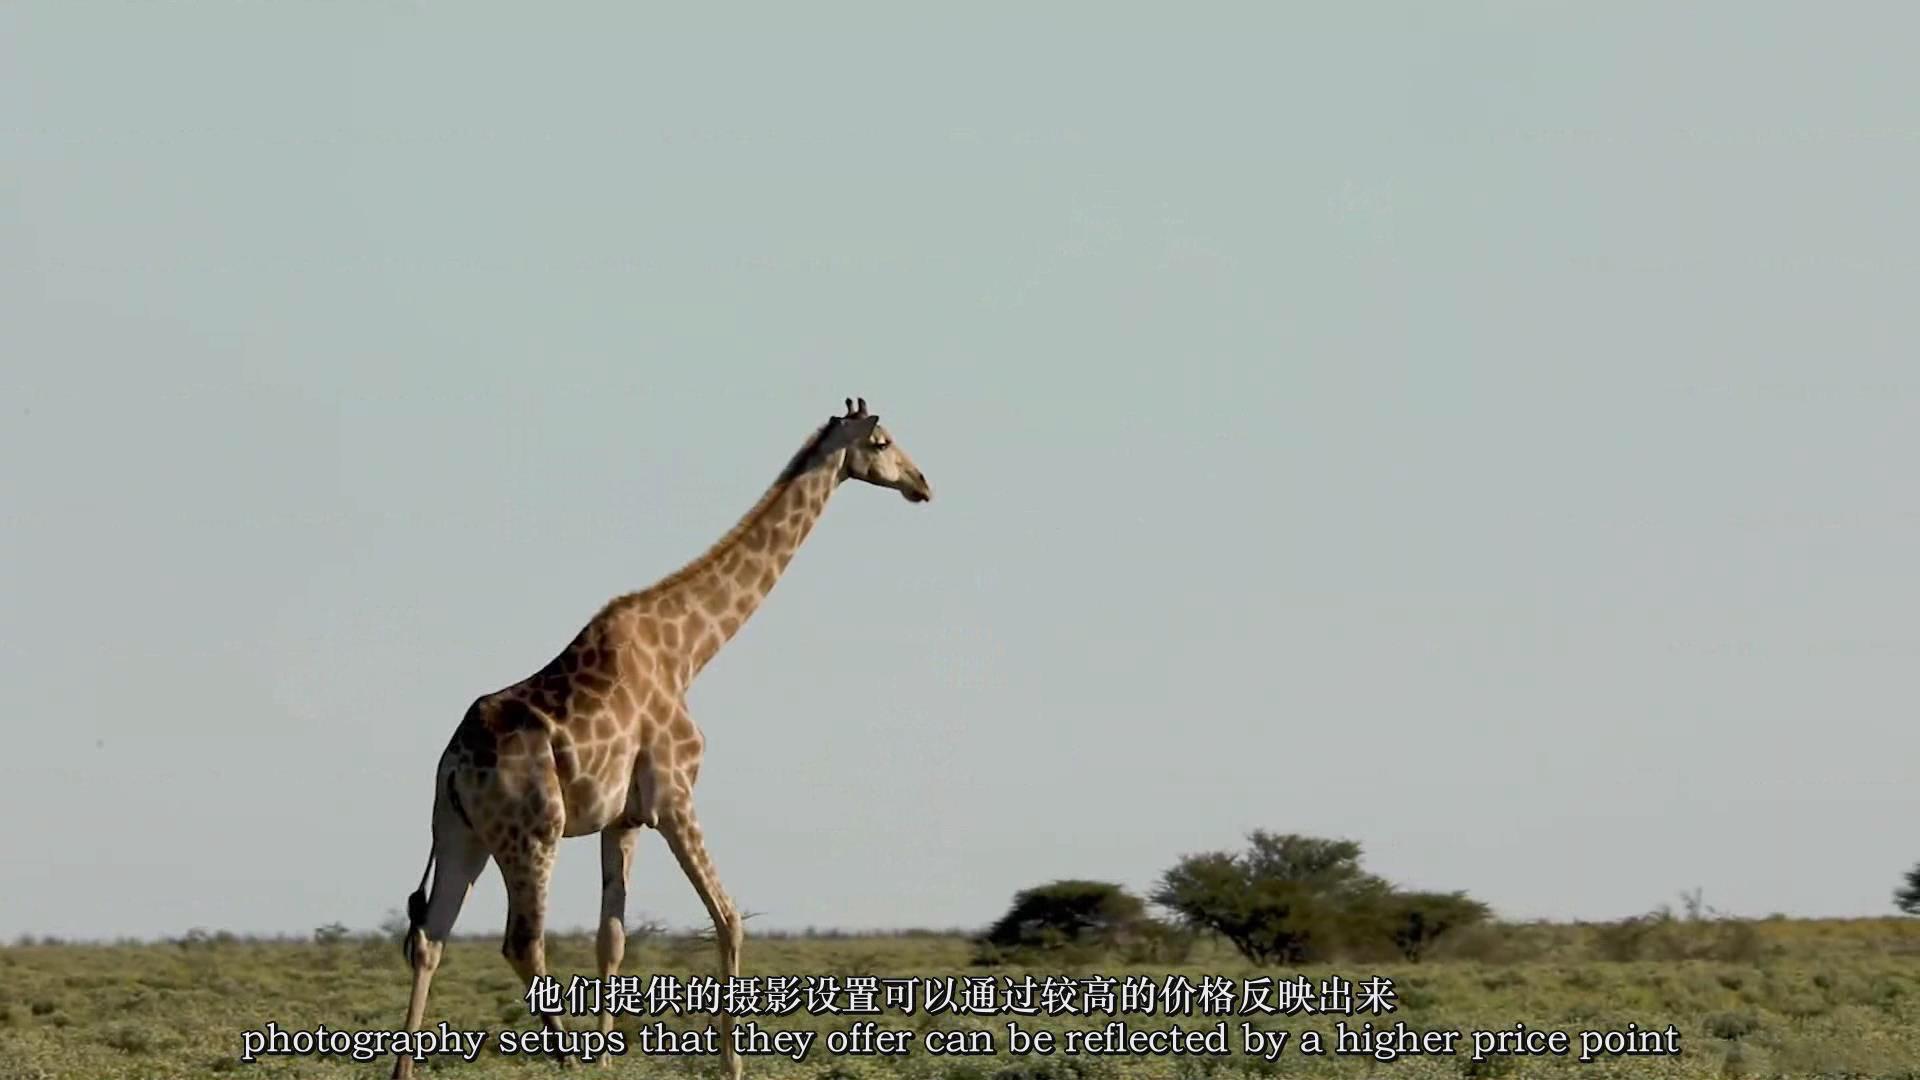 摄影教程_Chase Teron的终极野生动物摄影及后期套装教程附RAW素材-中英字幕 摄影教程 _预览图15